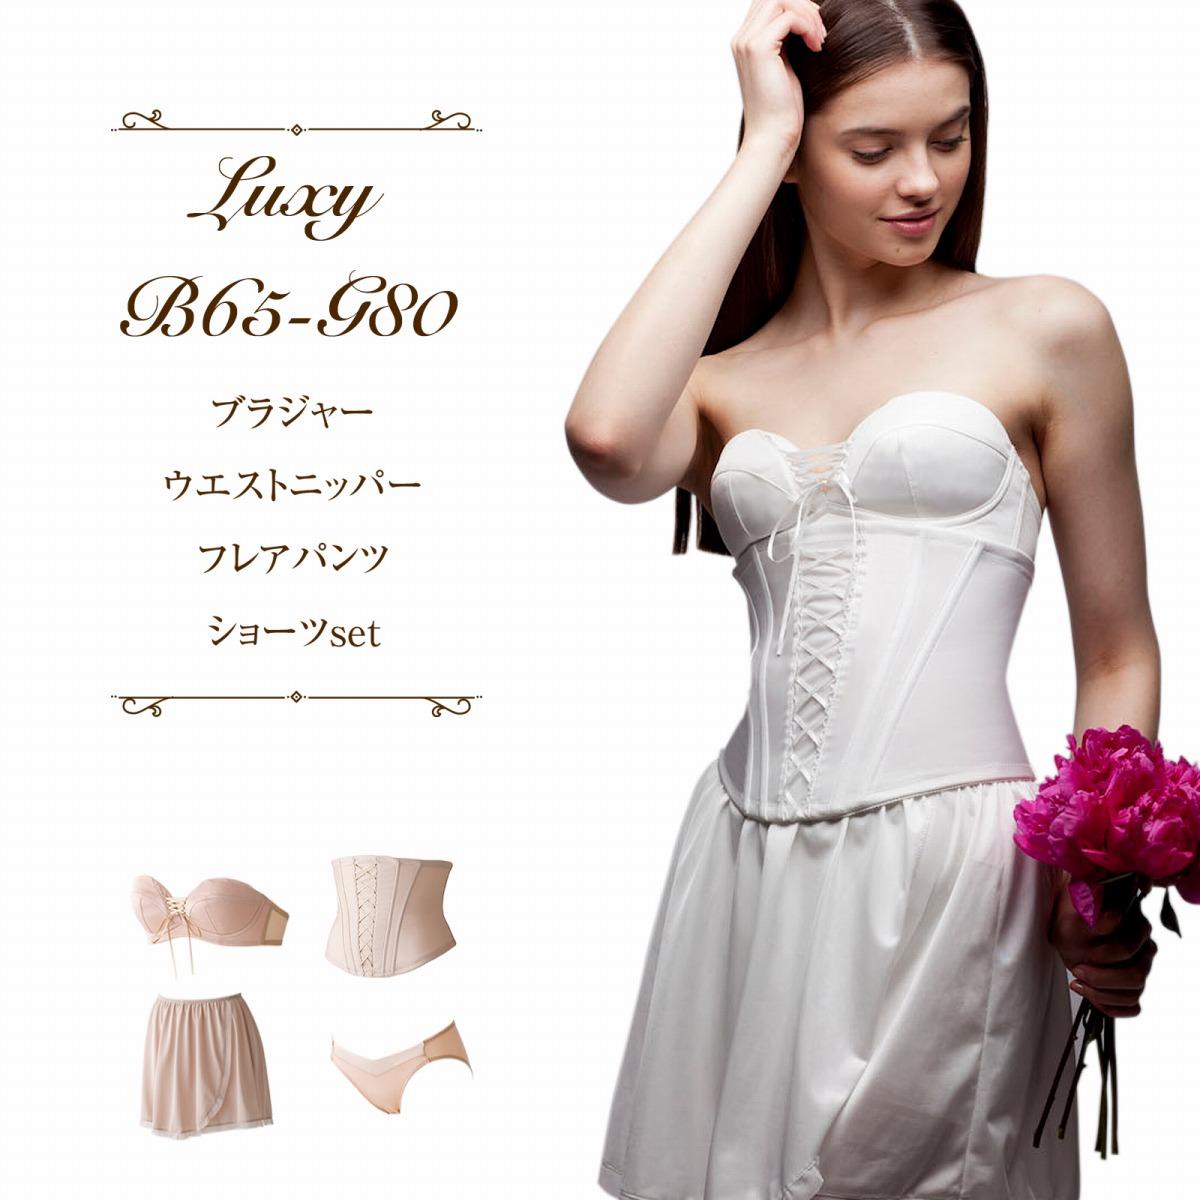 日本製 ブライダルインナー 4点セット <ブラジャー・ニッパー・フレアパンツ・ショーツ> ブライダル インナー ウエディング ウエディングインナー スペシャルセット ウェディング wedding bridal inner